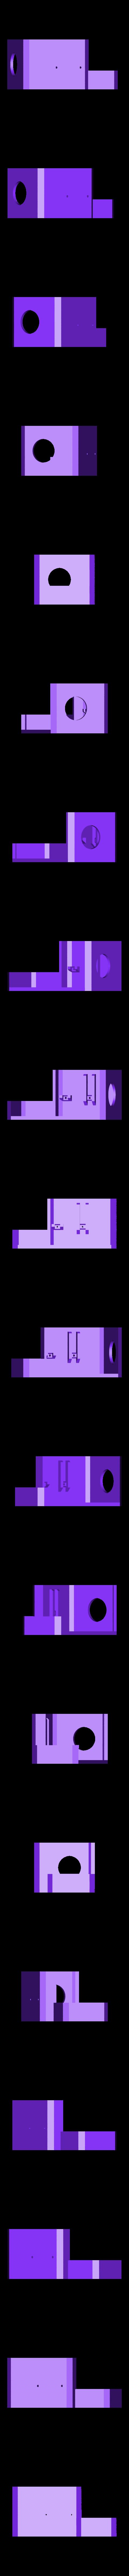 capot_lettrage_E3D_Bondtech.STL Download free STL file Direct Drive- E3DV6- Bondtech (right)-Bltouch • 3D printer template, kim_razor